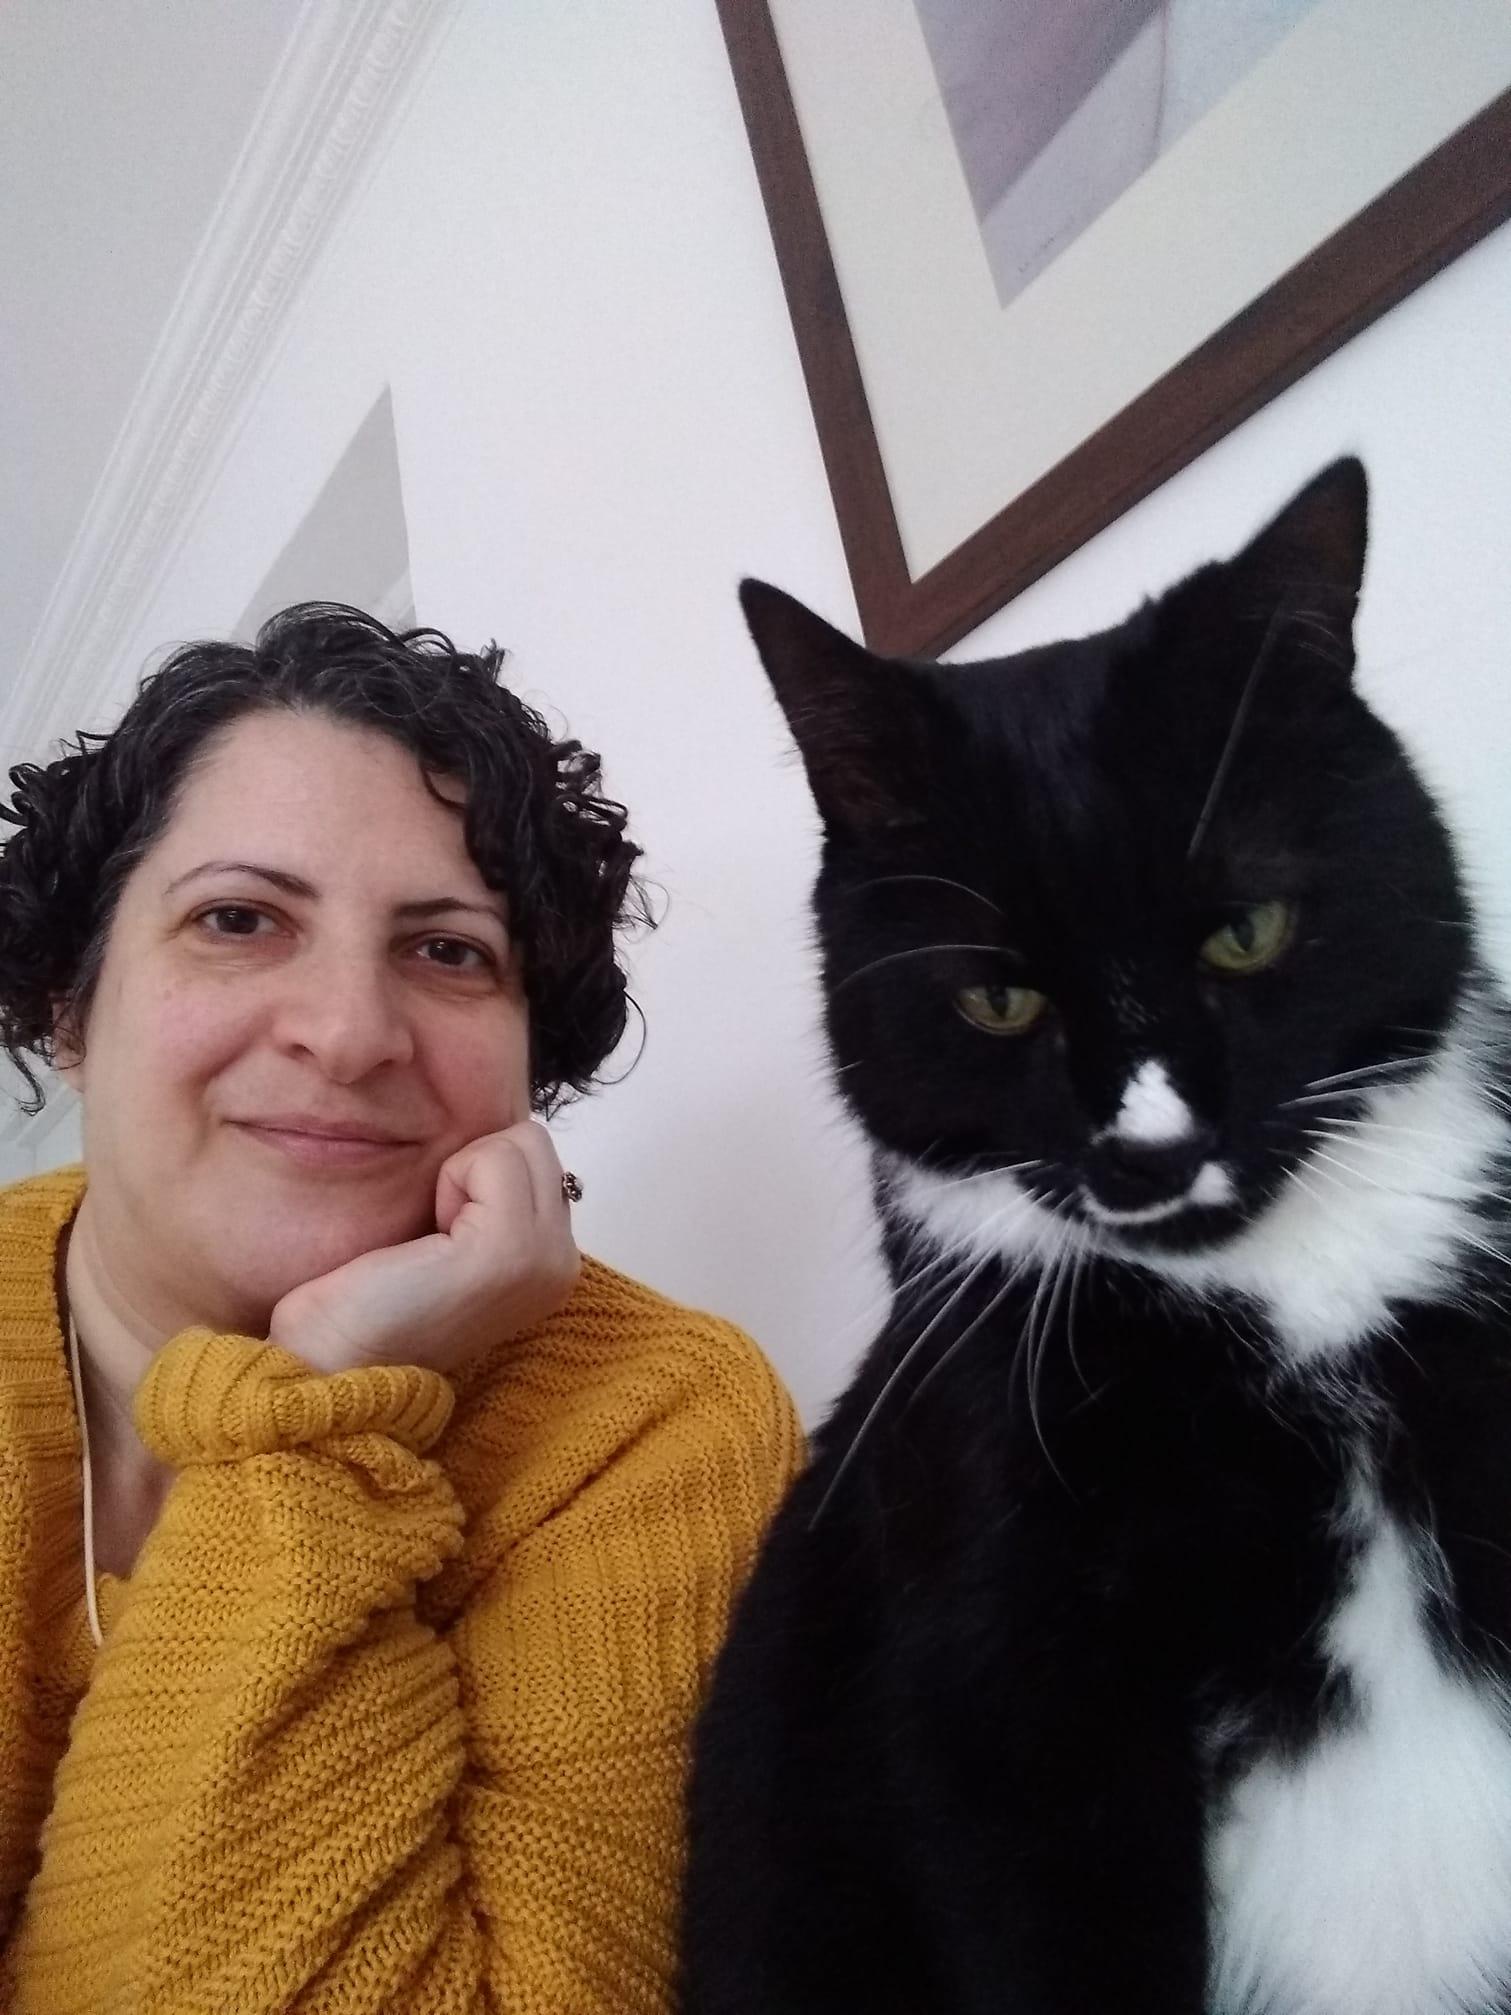 maria and cat